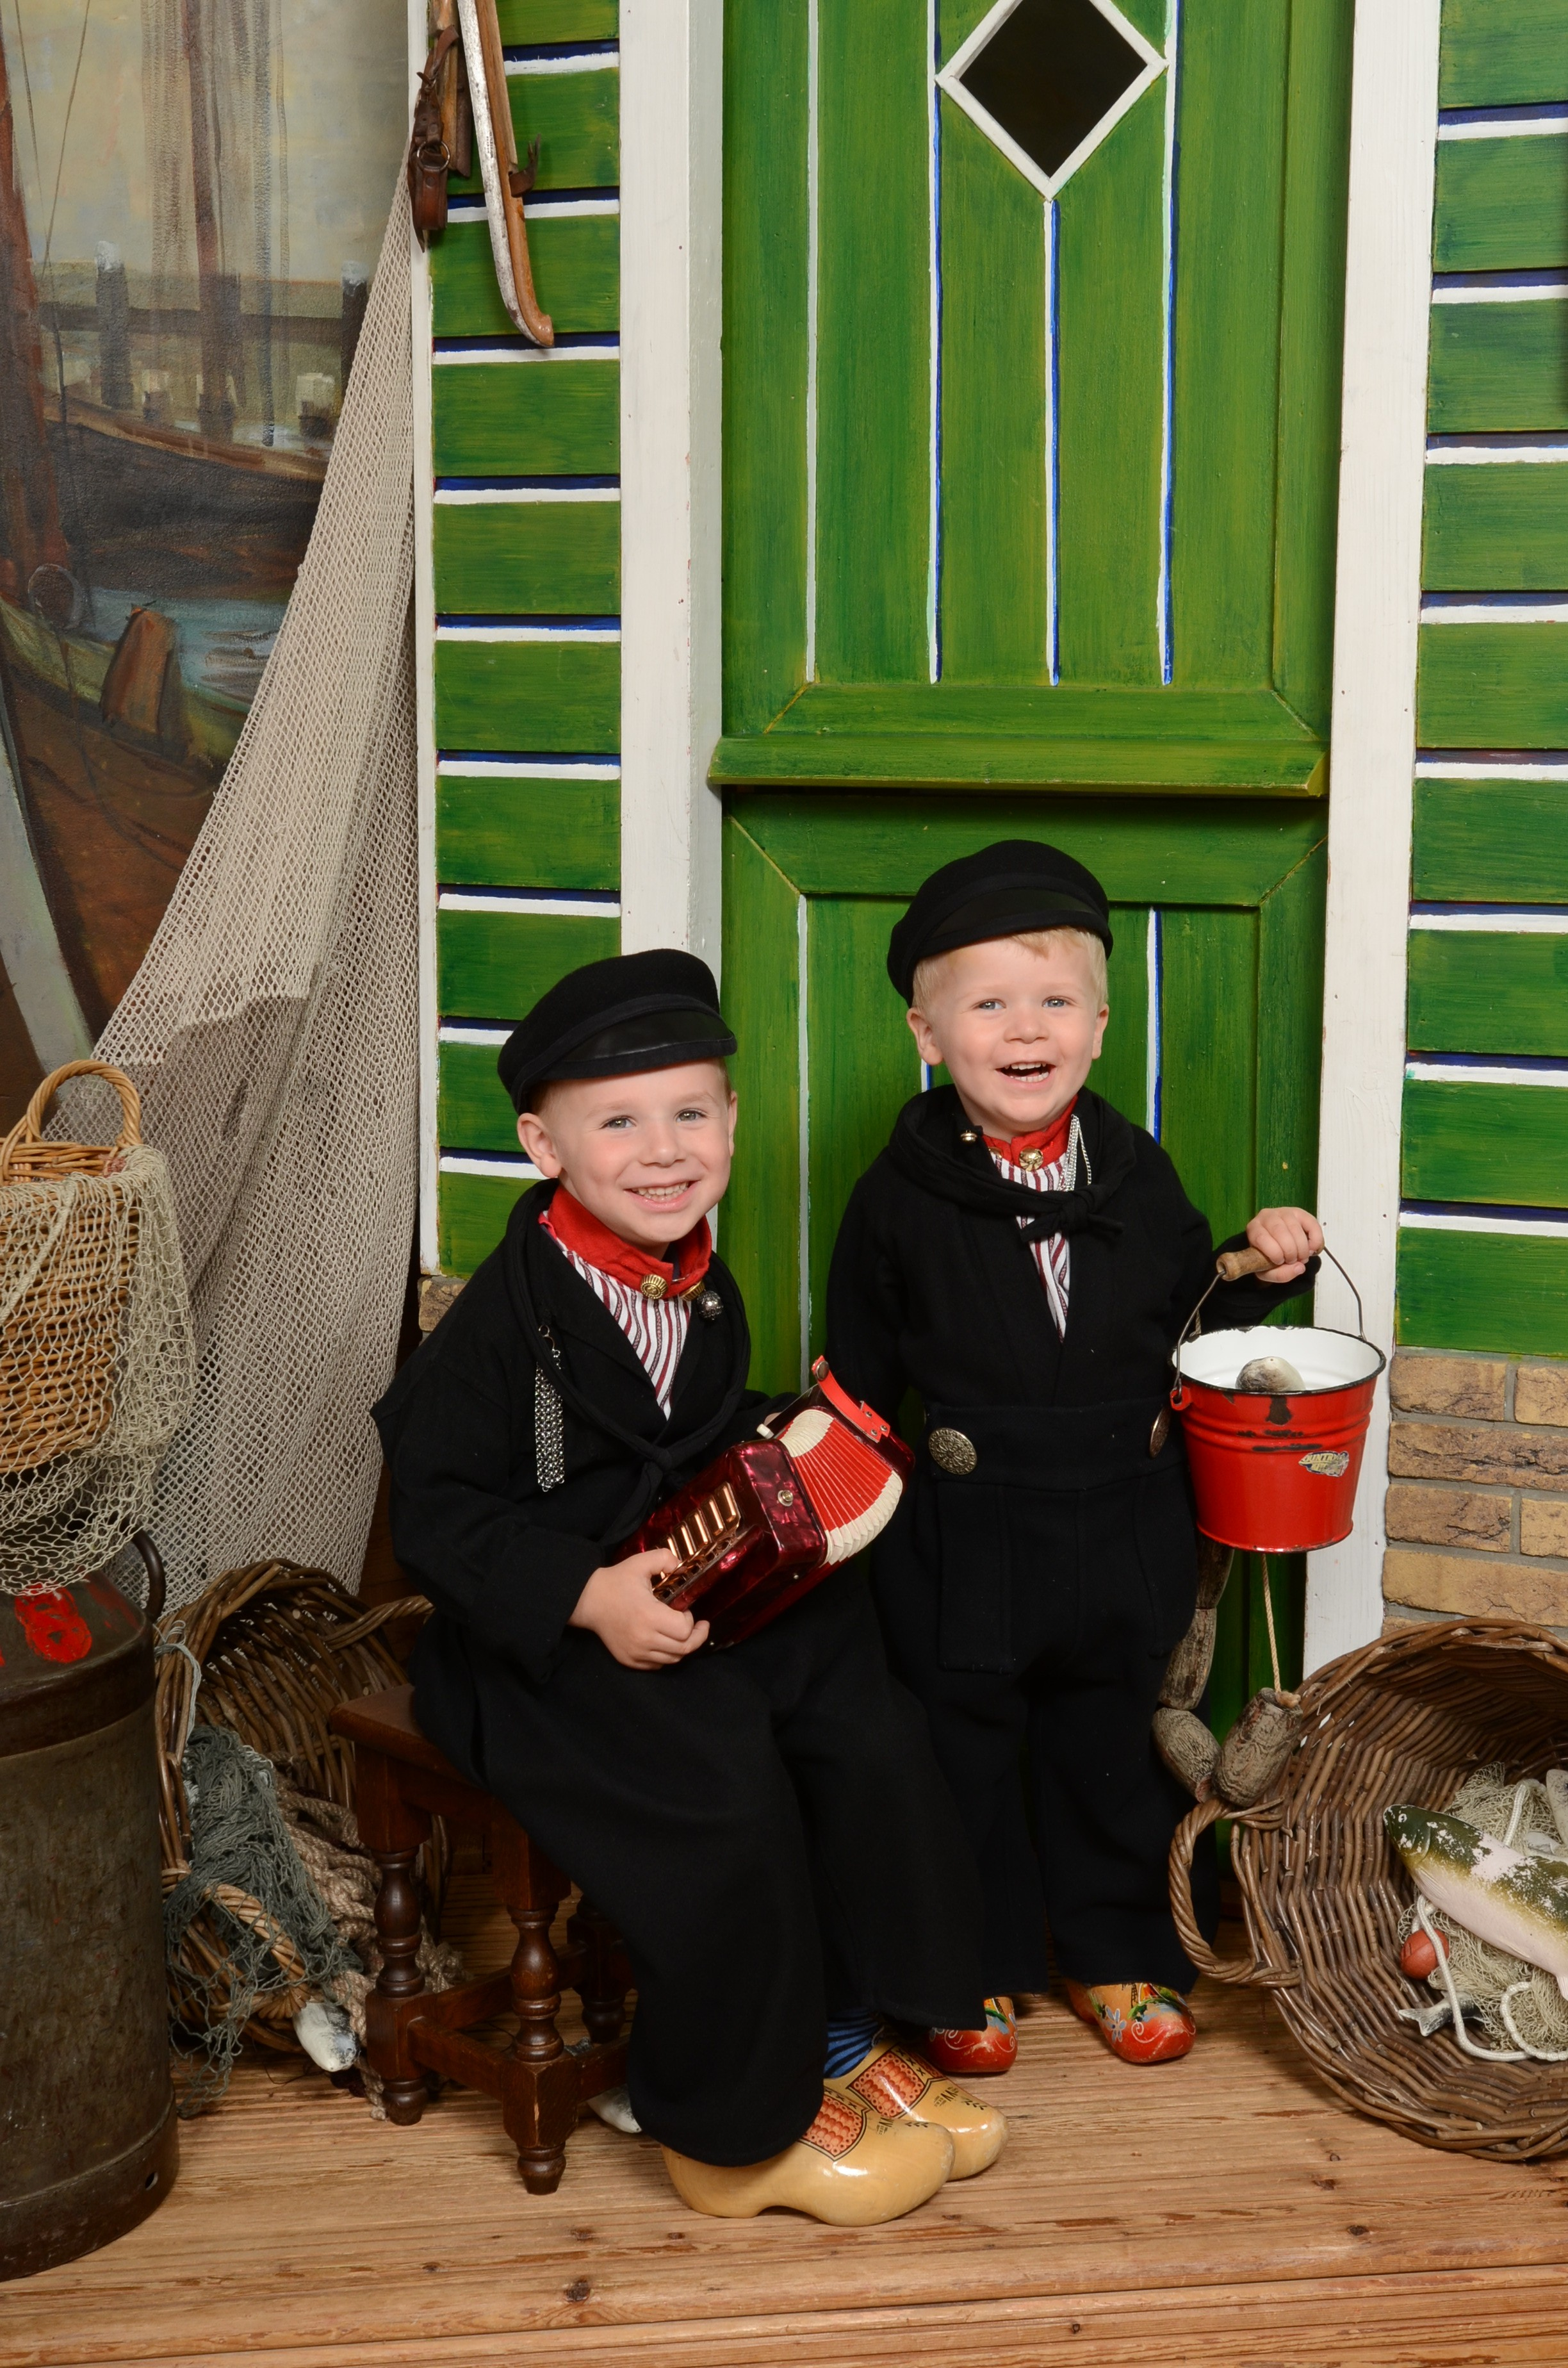 Kids in Volendam costume